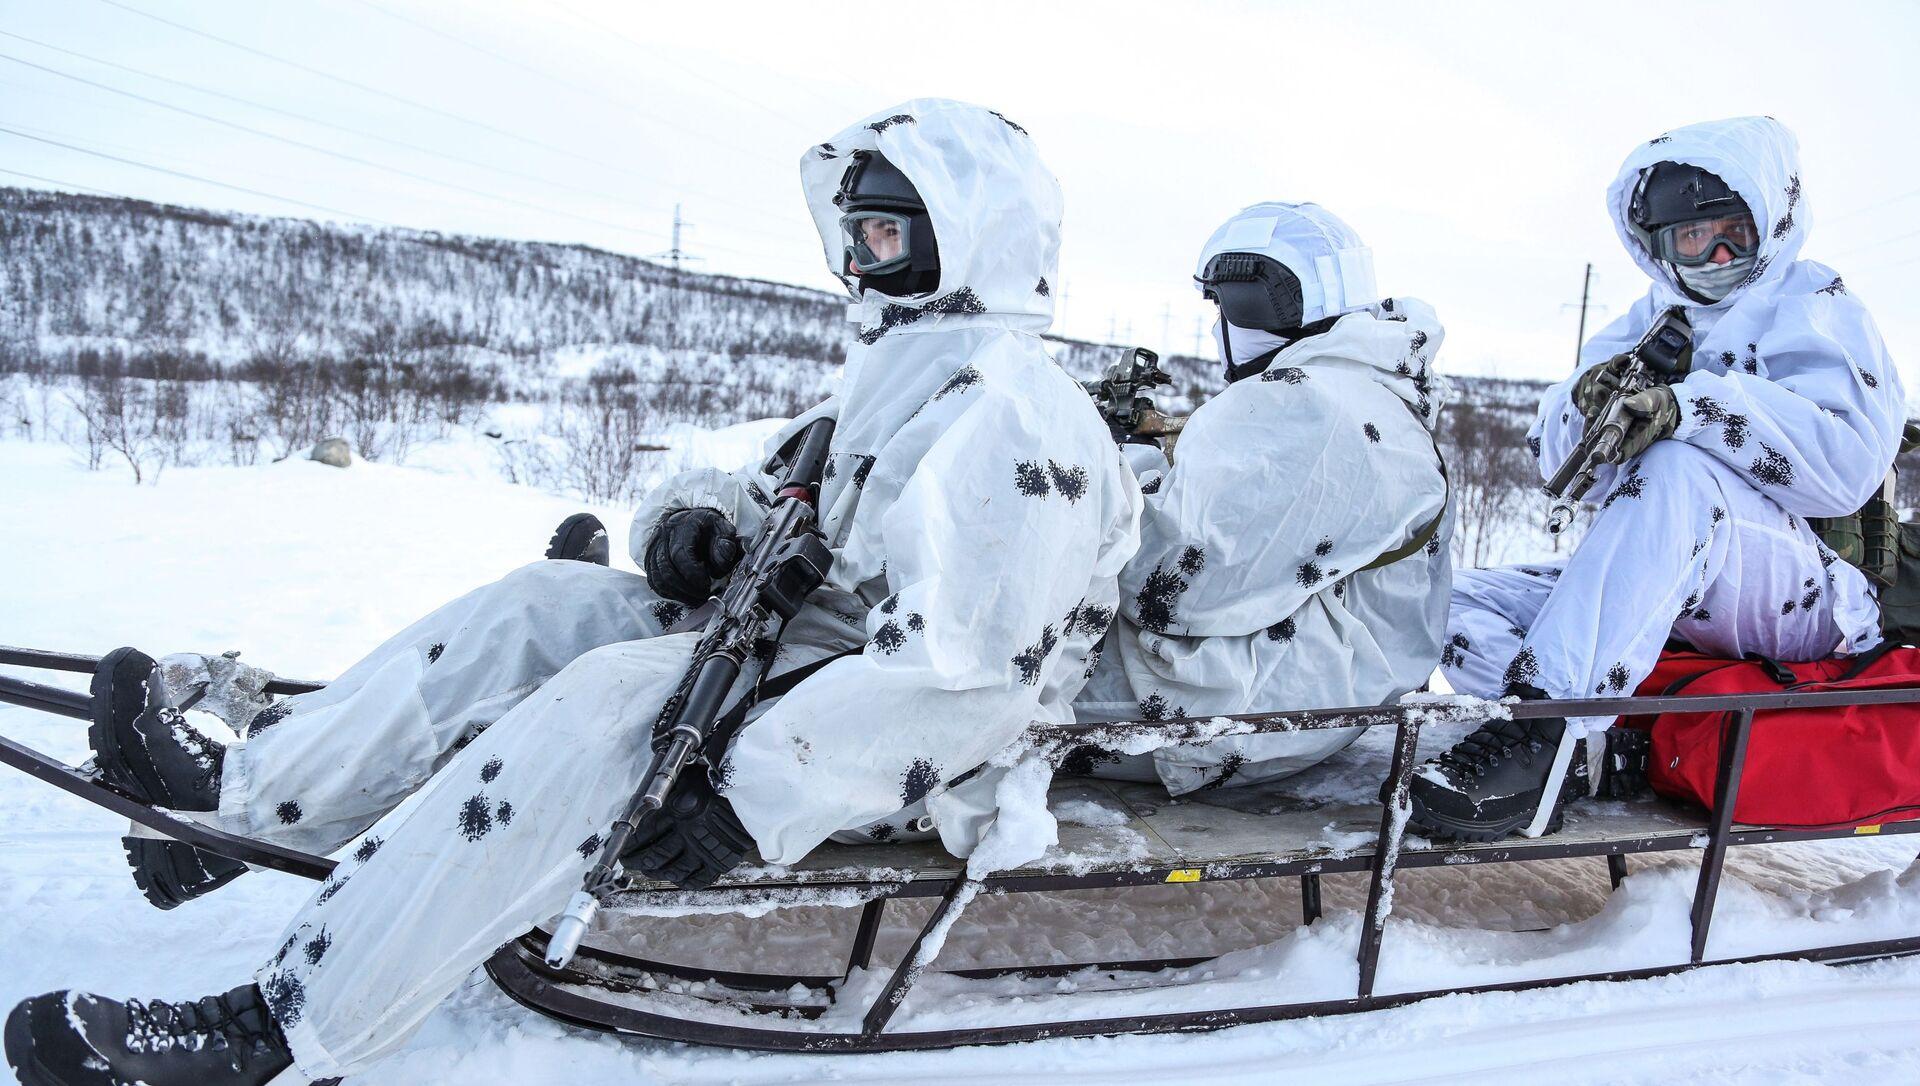 Rosgwardia zakończyła przygotowywanie personelu przed ćwiczeniami w Arktyce - Sputnik Polska, 1920, 18.05.2021